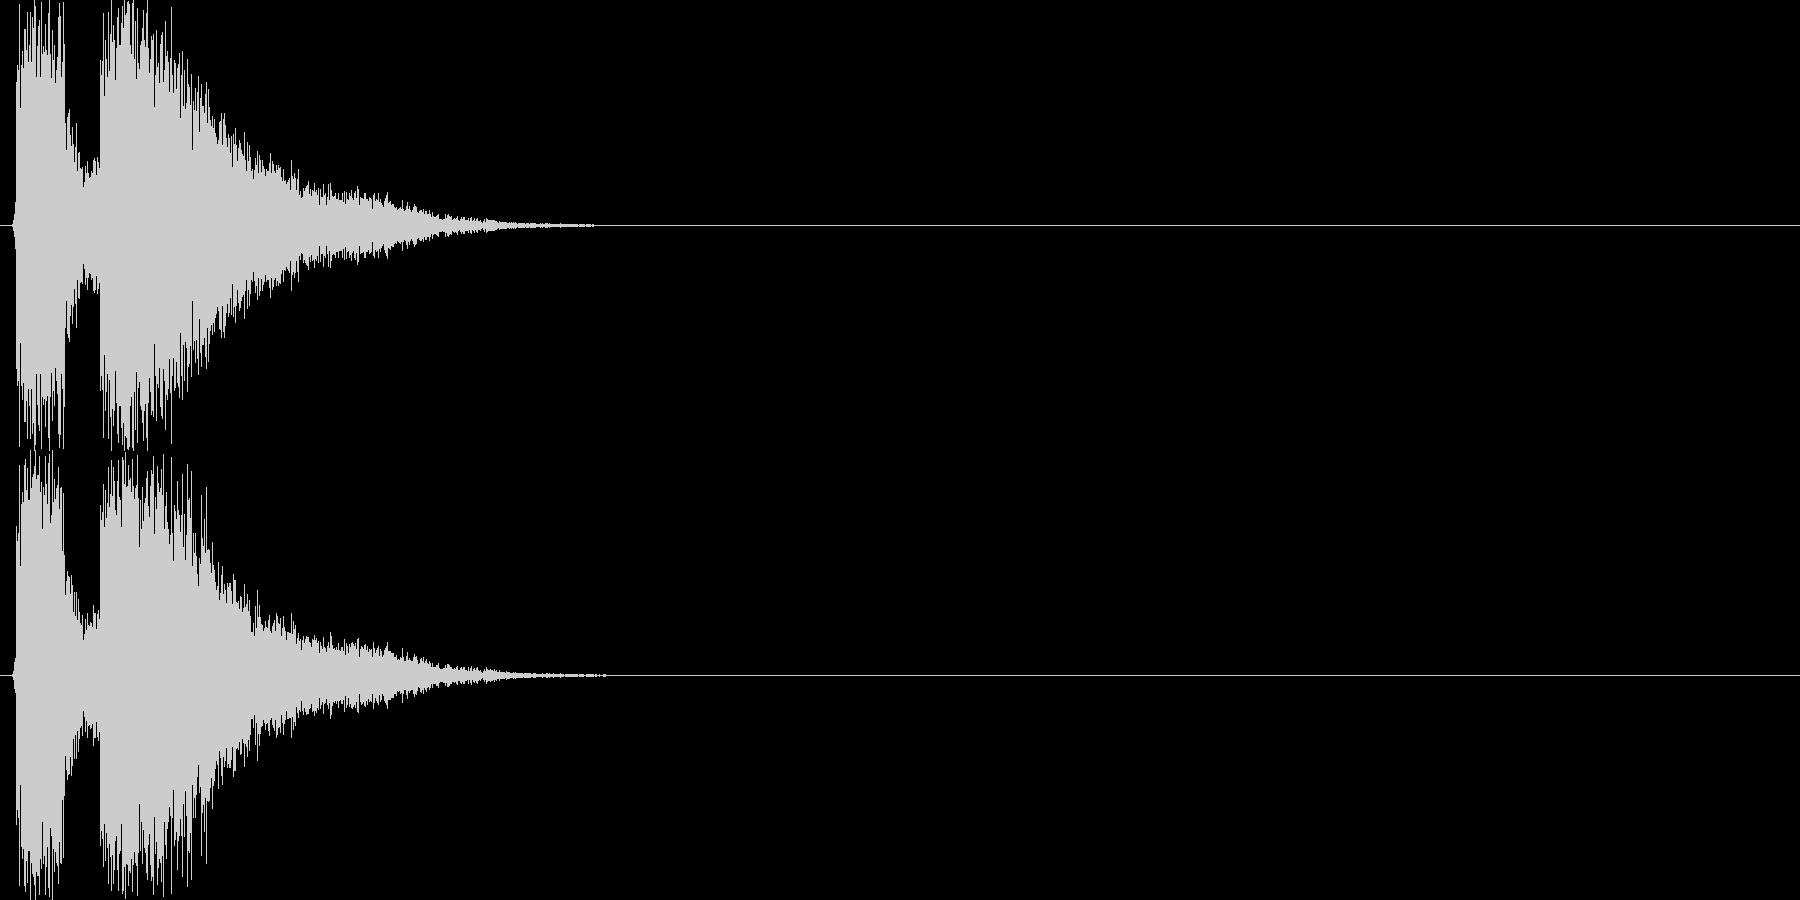 デデーン(テロップ向けSE、注目、宣伝)の未再生の波形